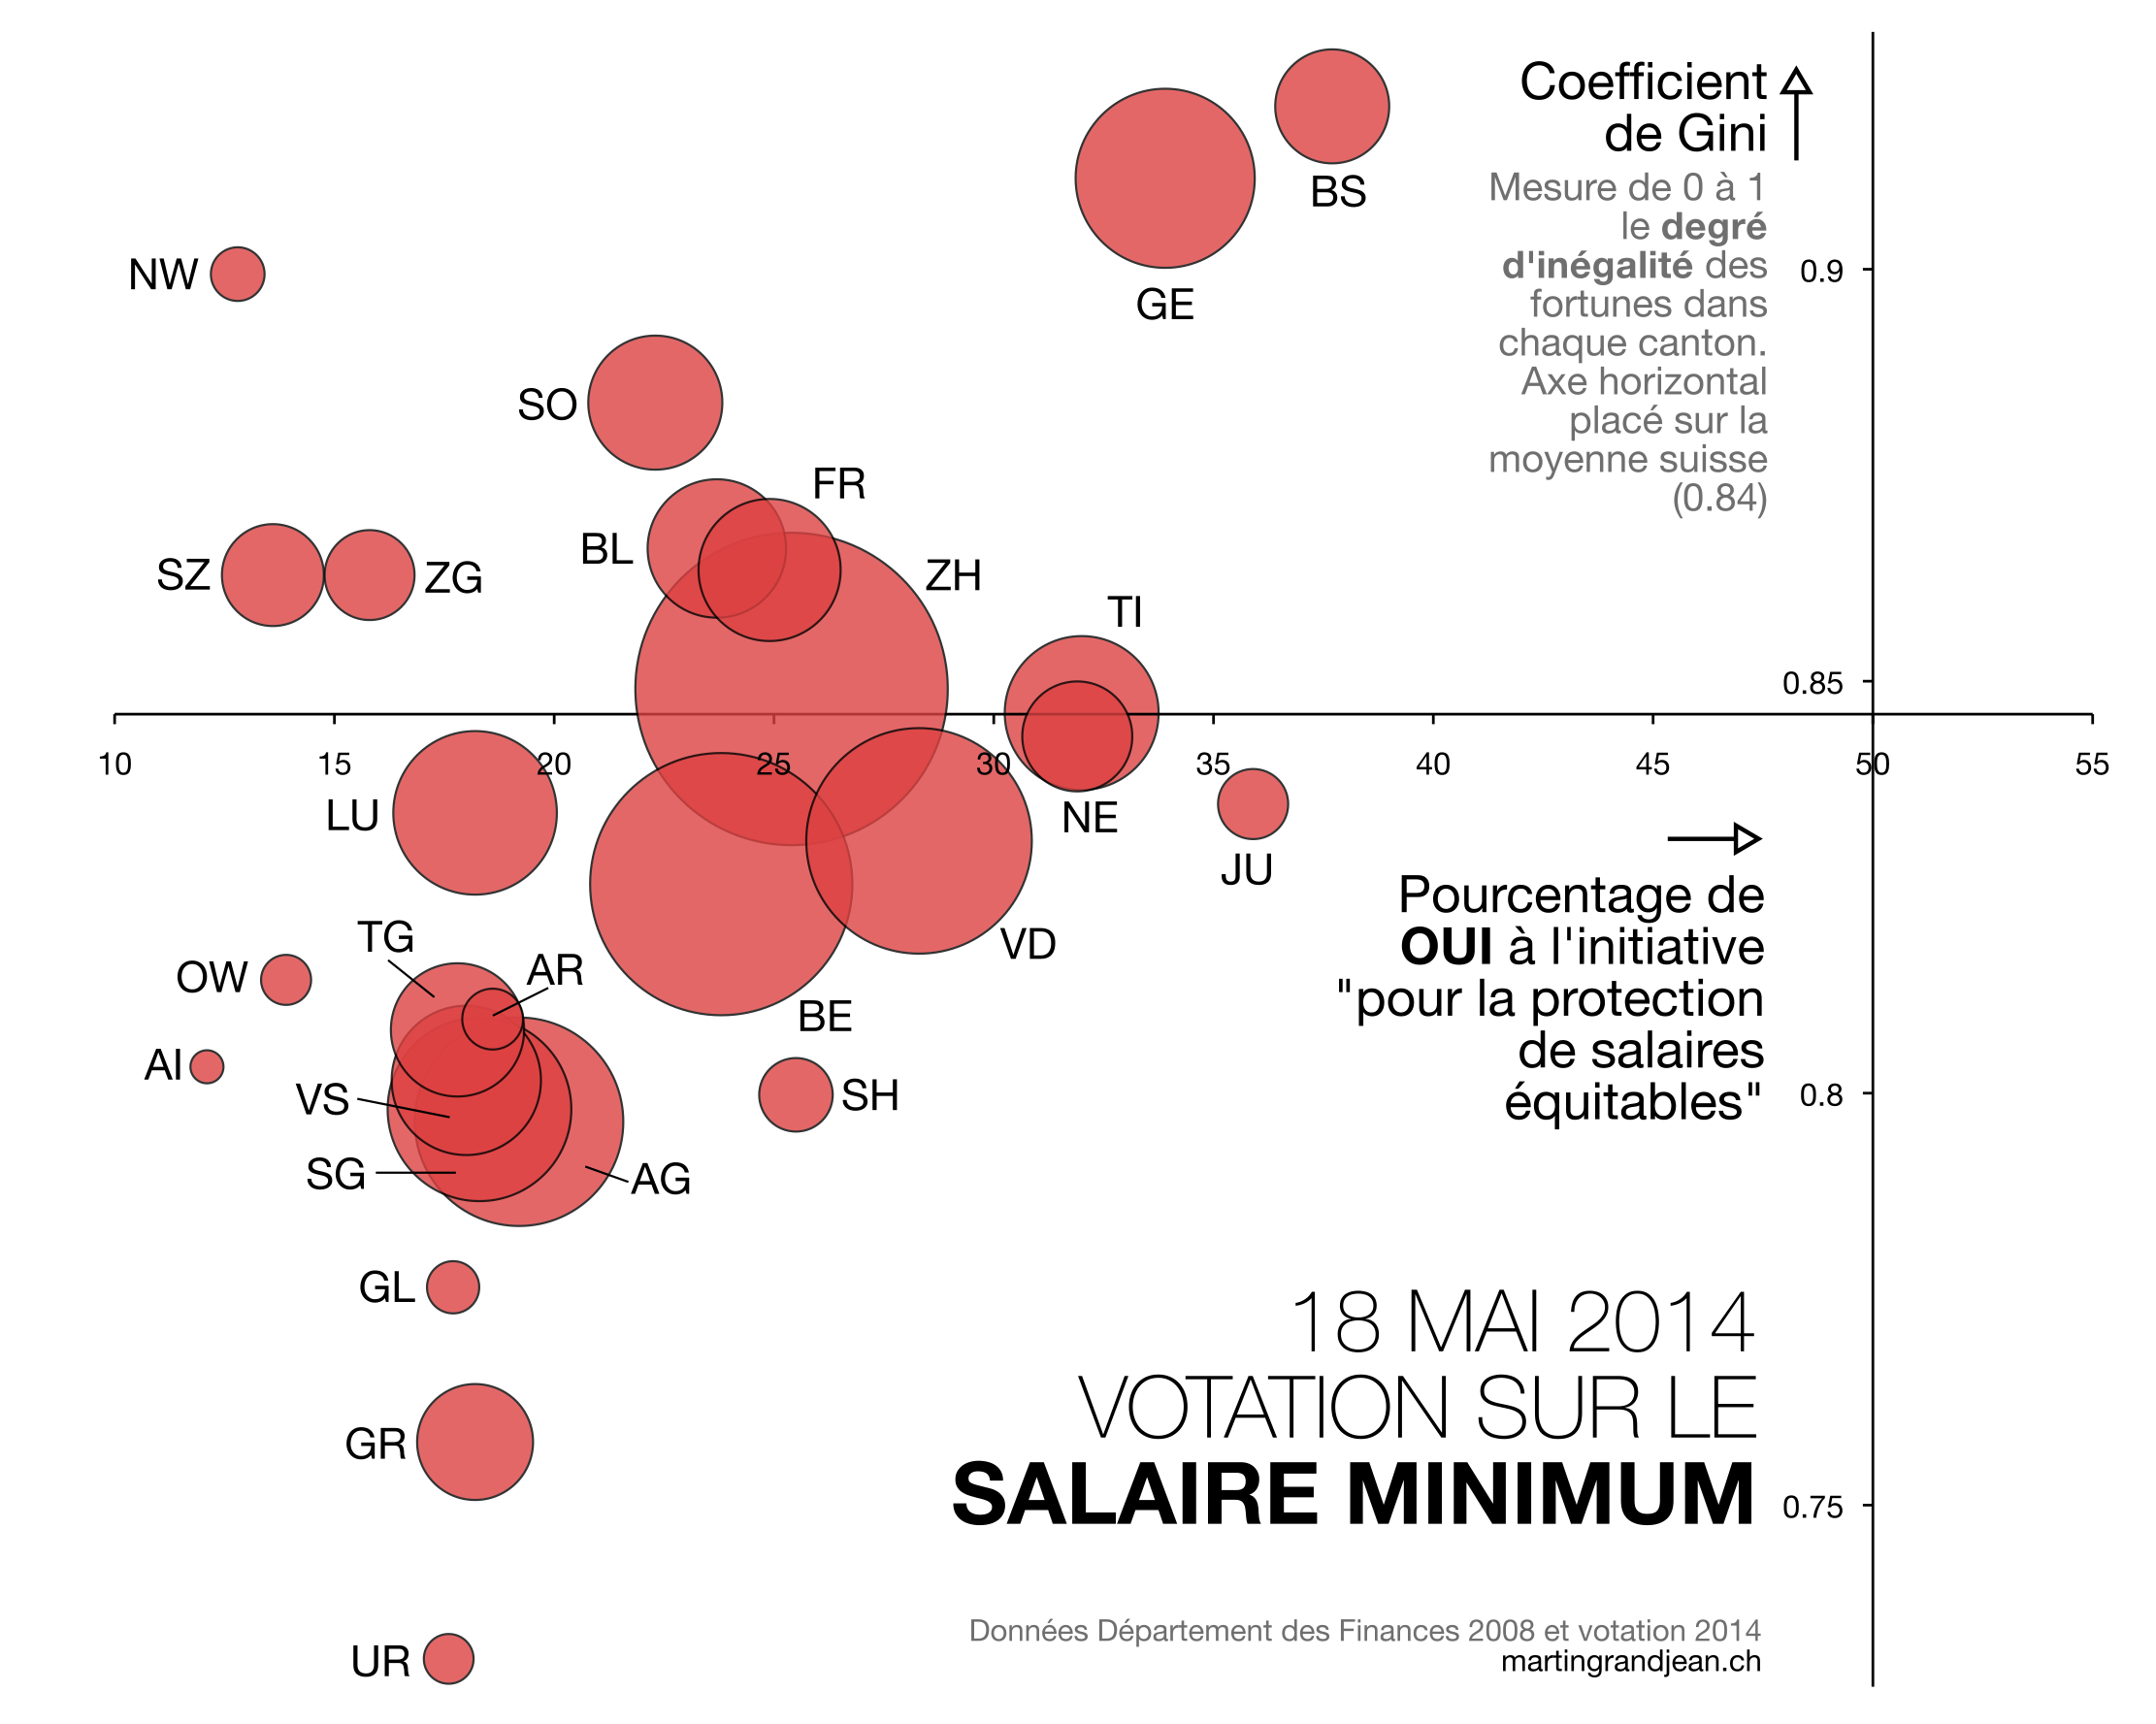 Votation sur le salaire minimum